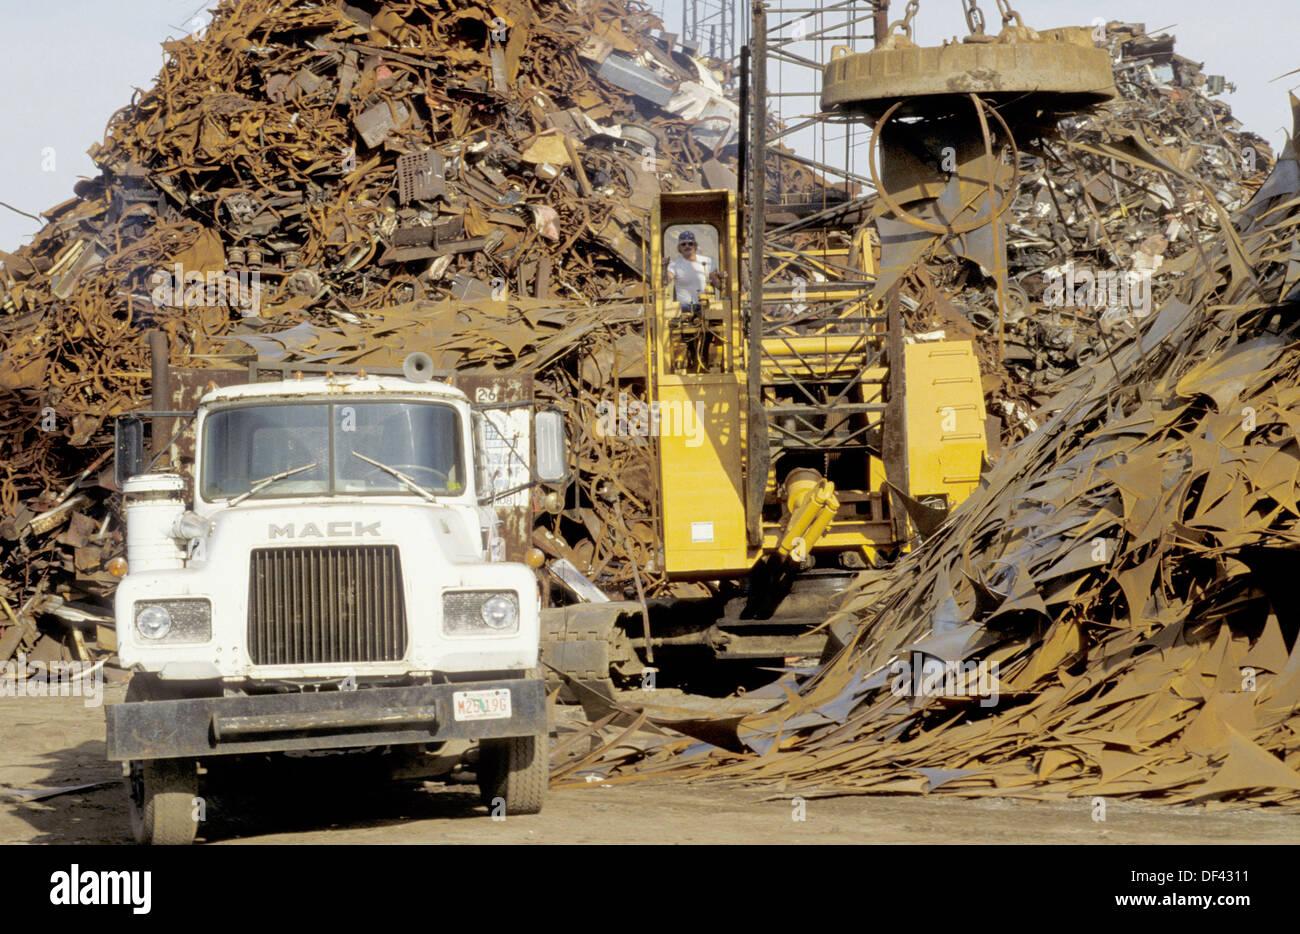 Recycling scrap metal. Tampa, Florida. USA. - Stock Image